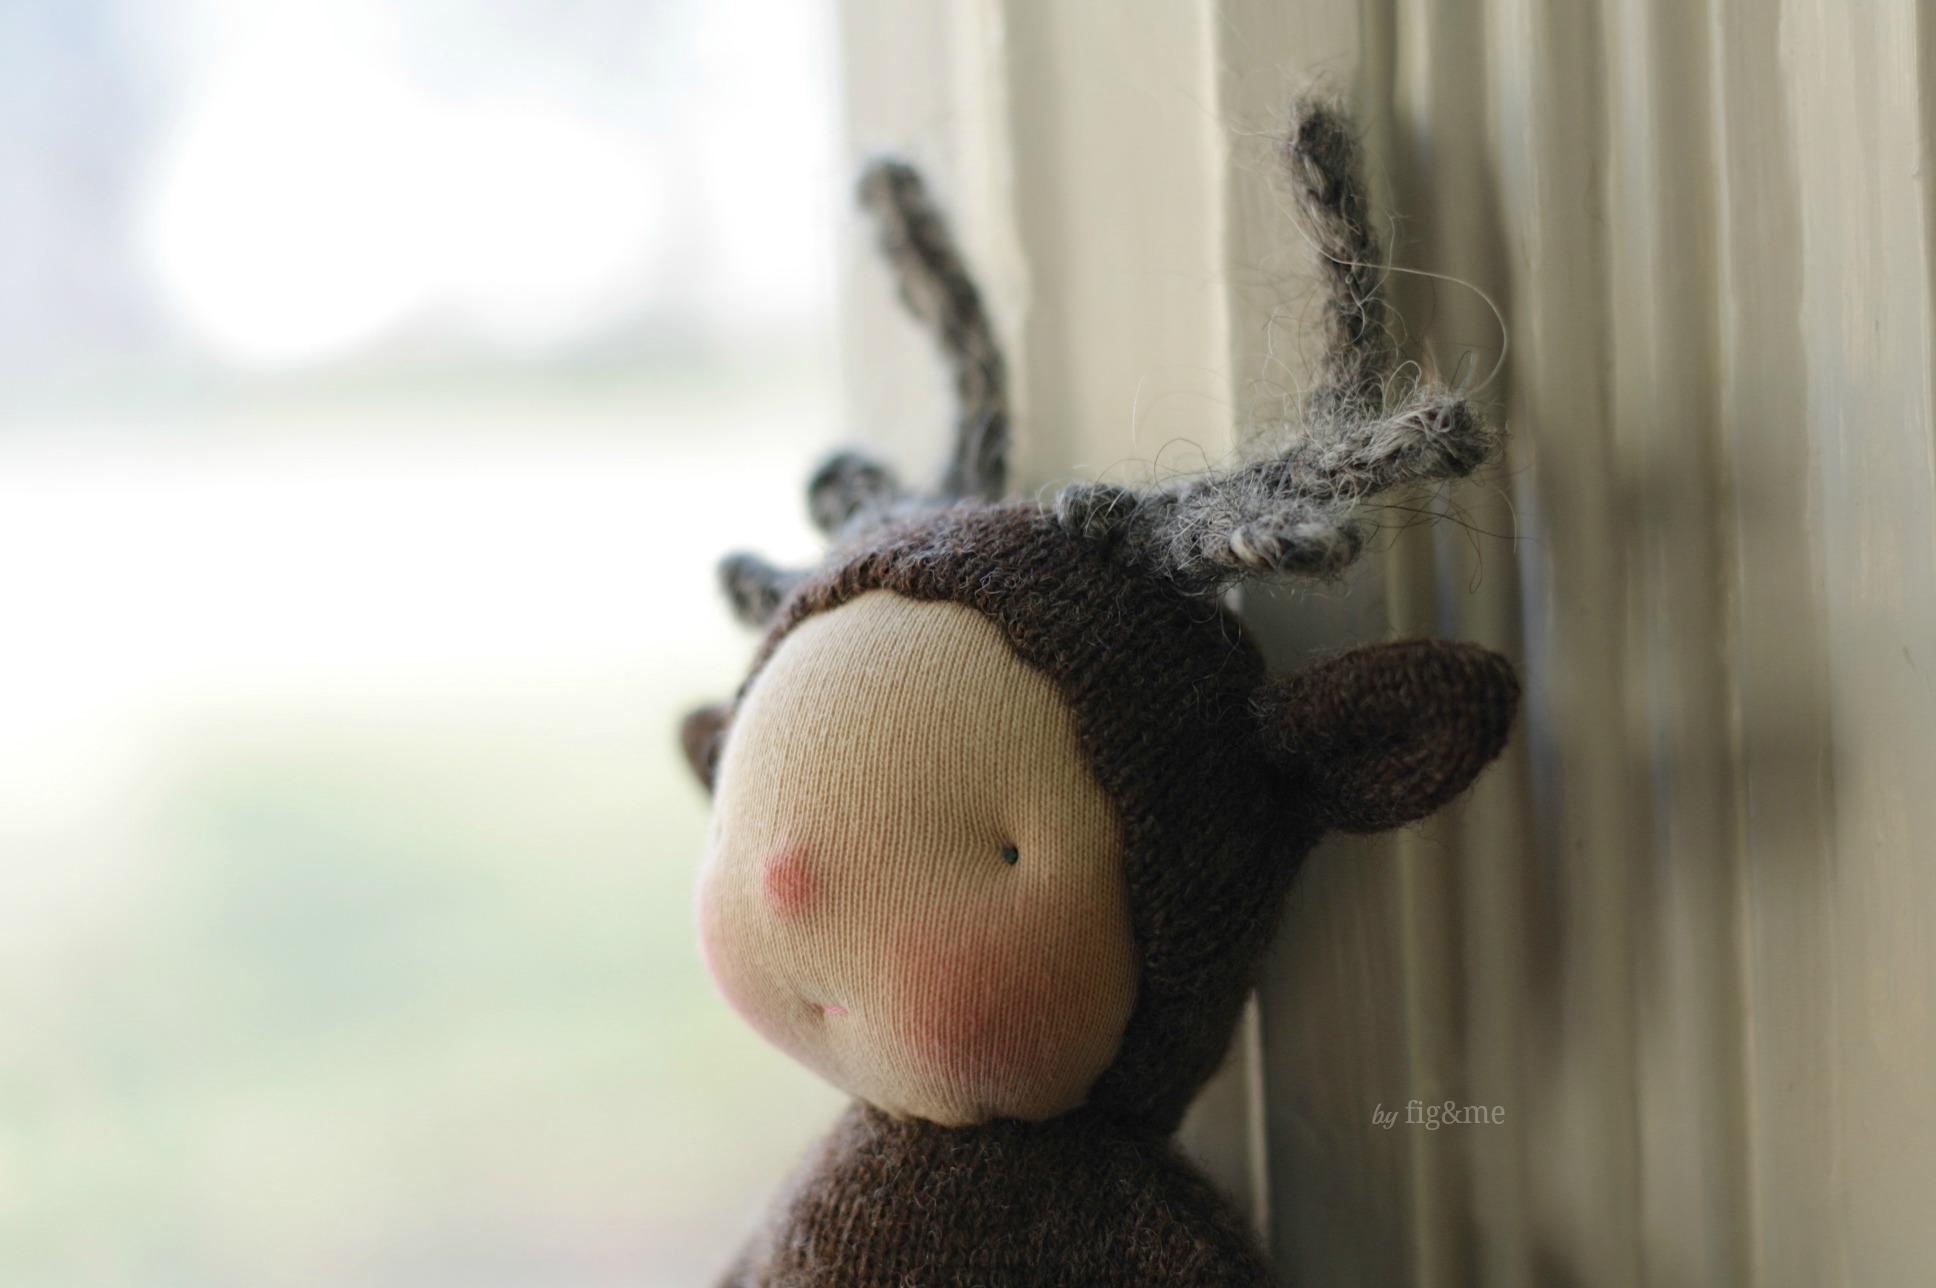 Wee Baby Reindeer made of wool, by Fig&me.